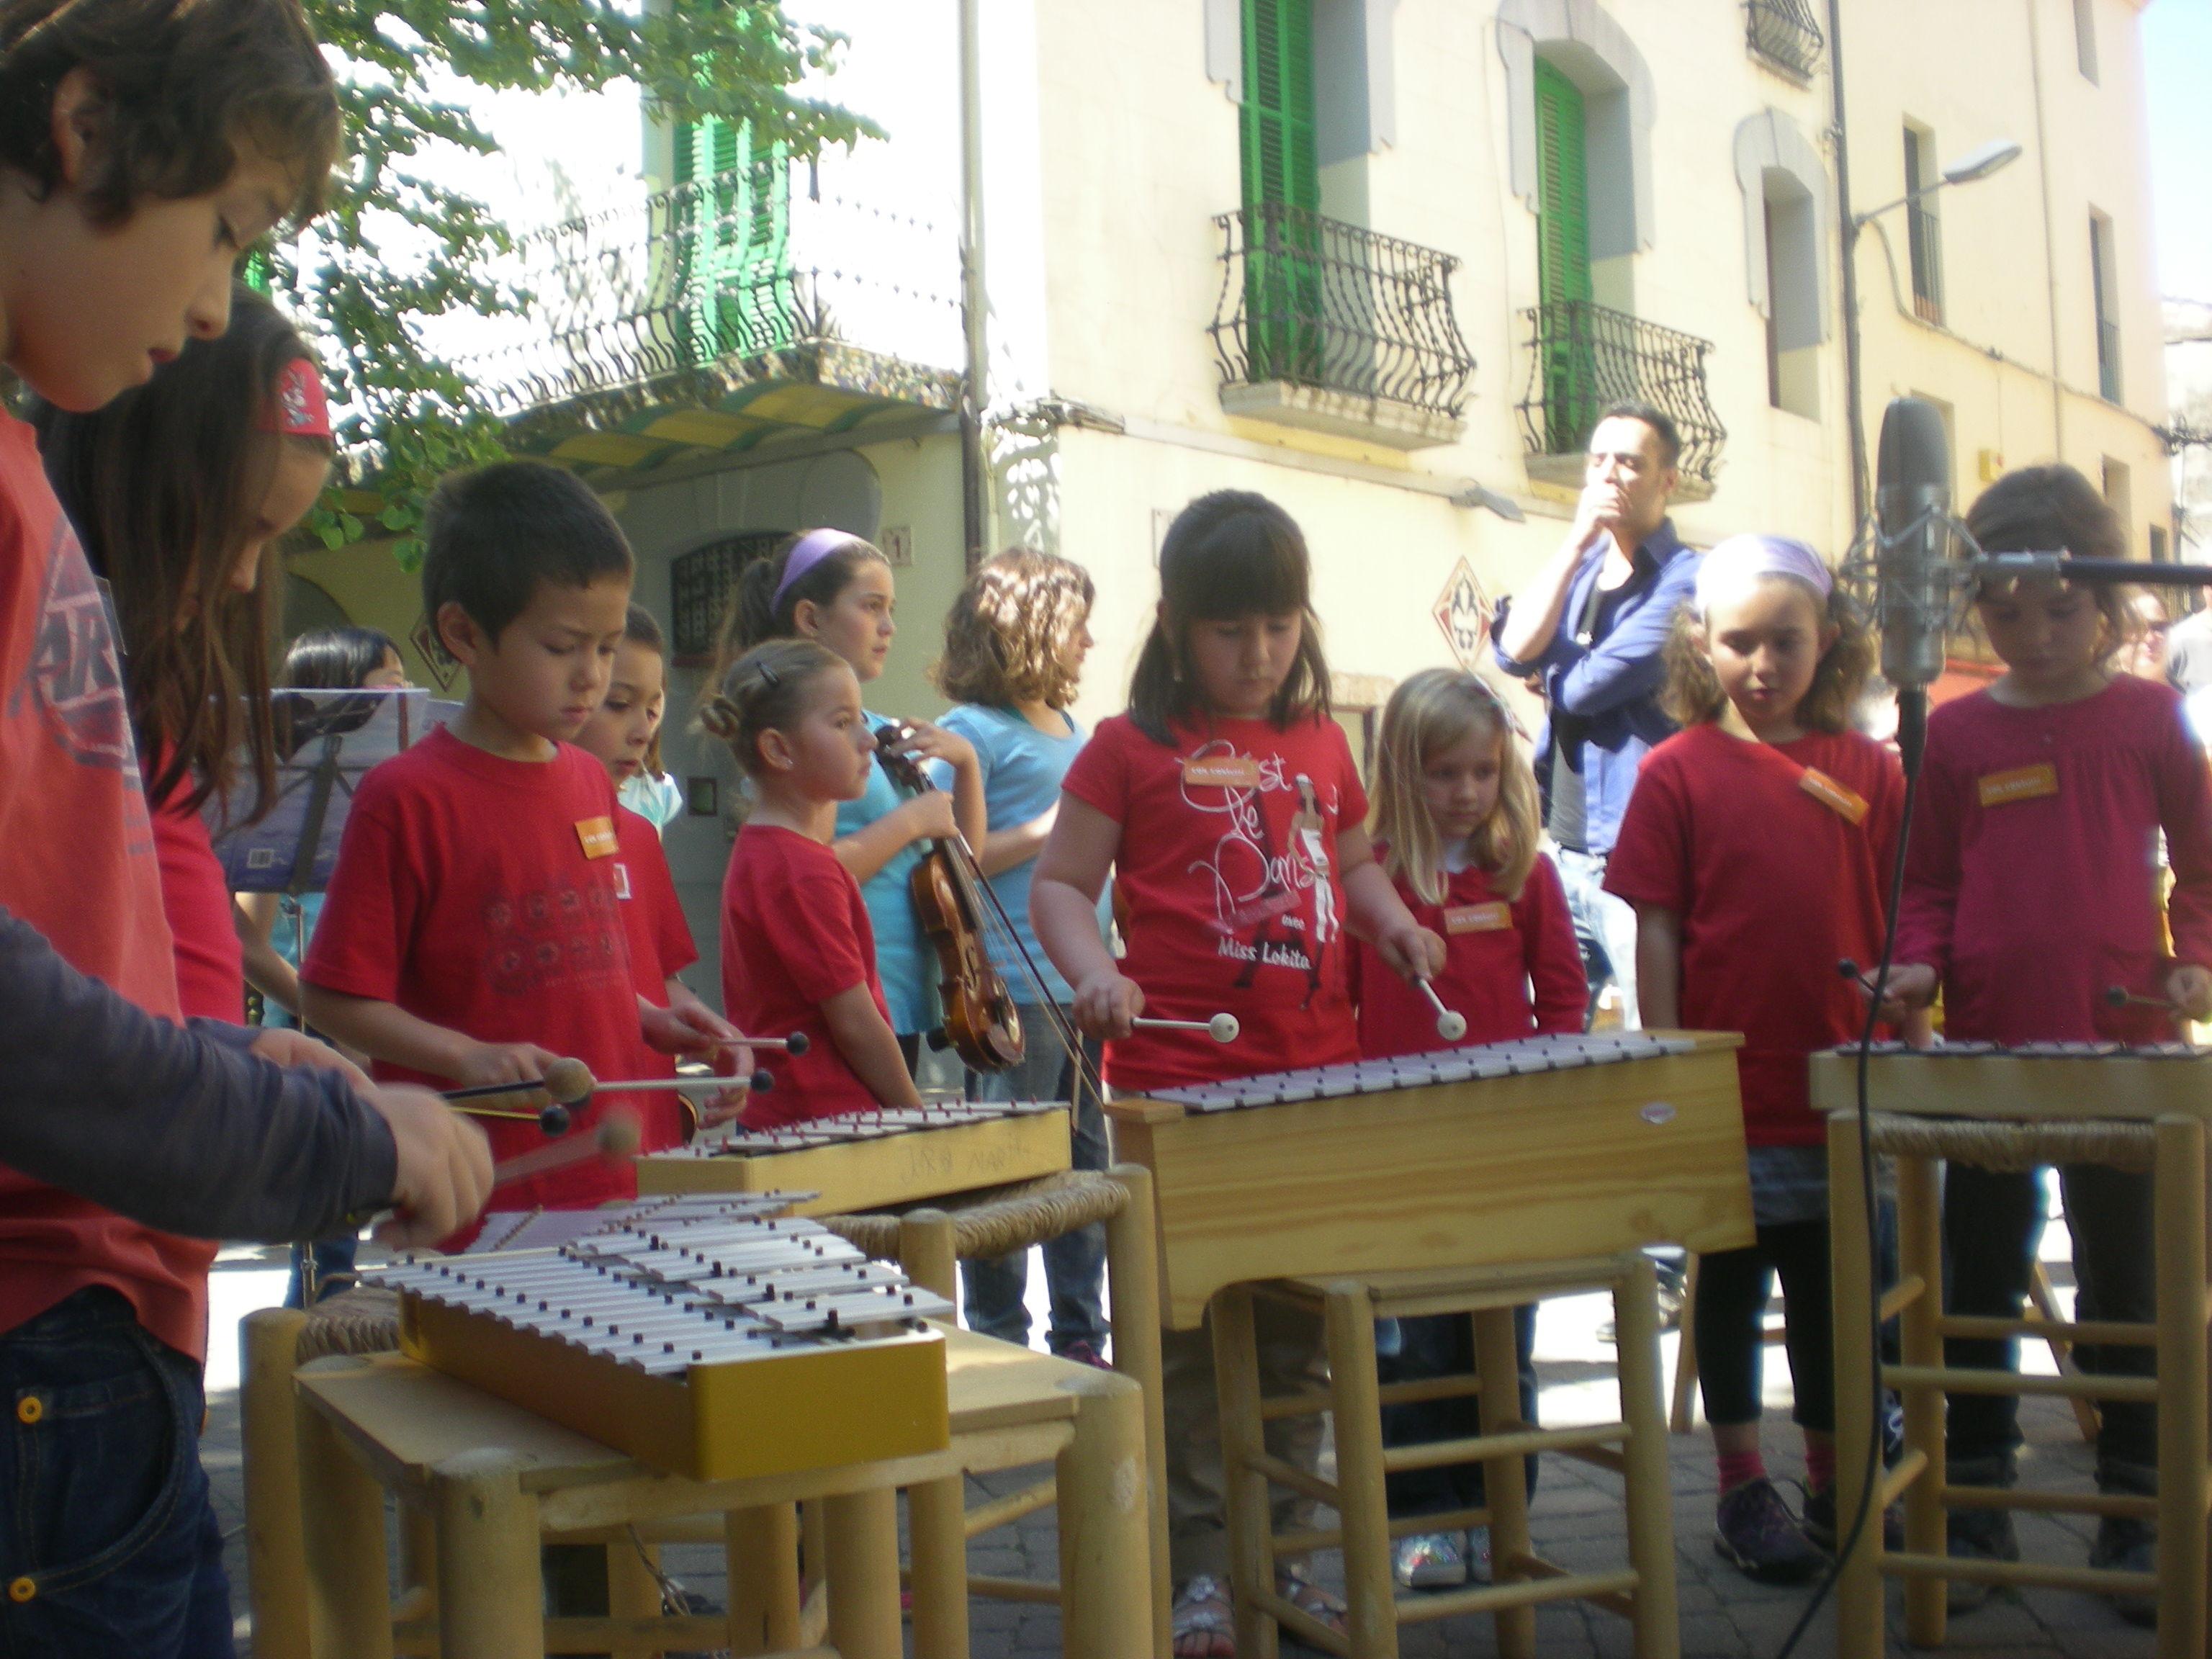 Concert Fira d\u0027artesania Cardedeu juny 2013